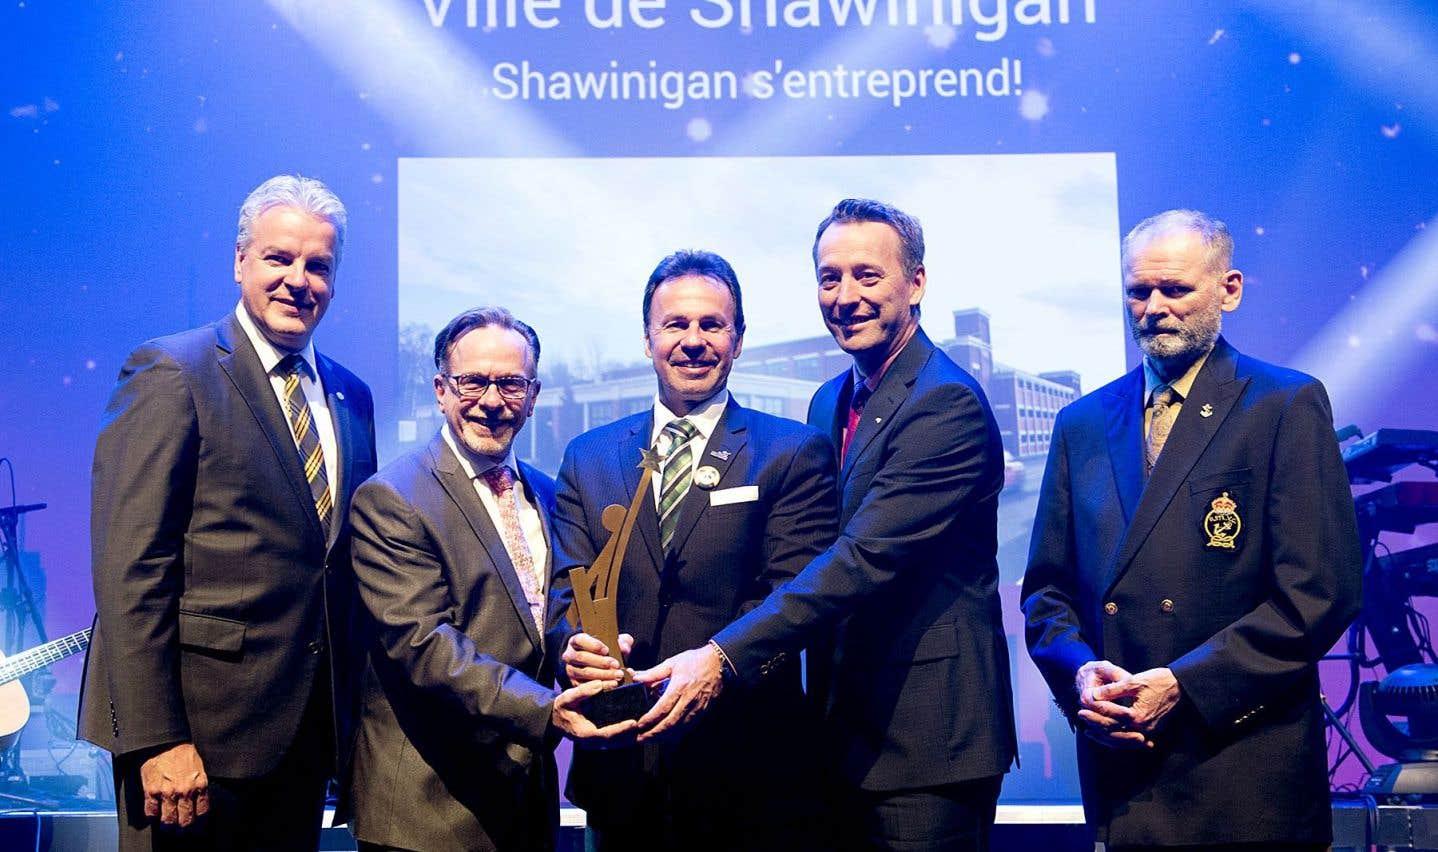 En 2016, la Ville de Shawinigan a reçu le prix Joseph-Beaubien.